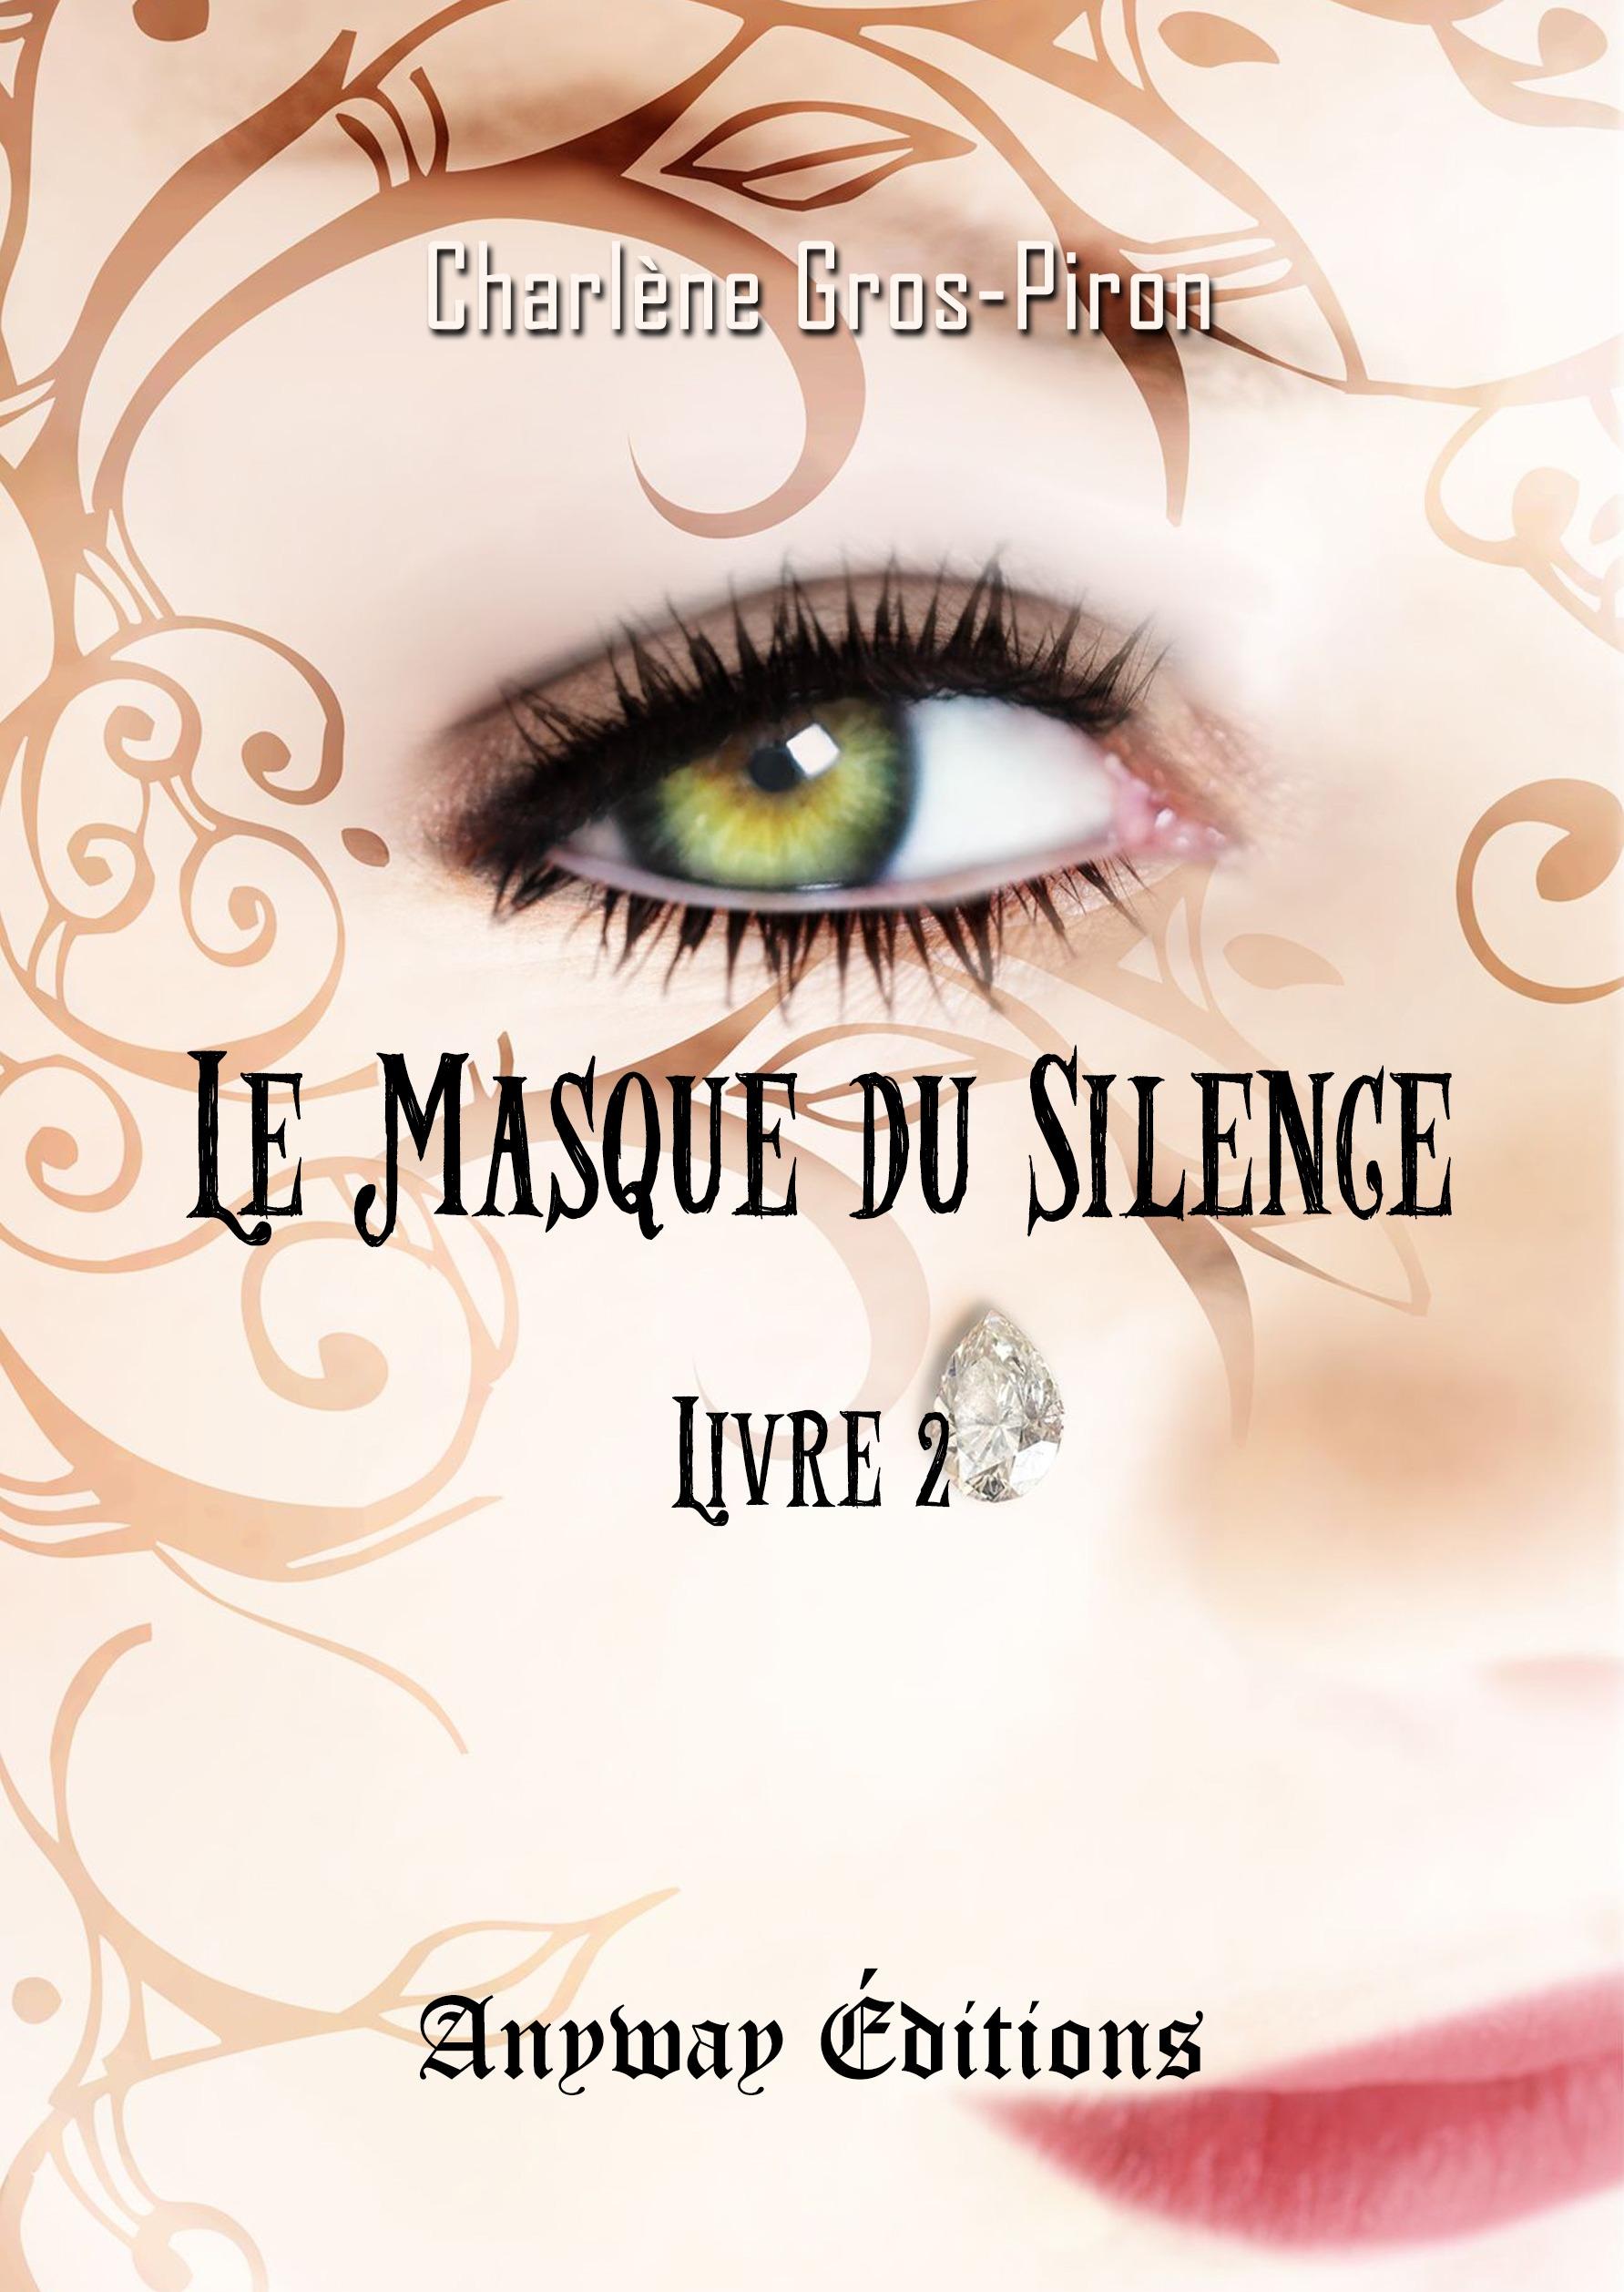 Le Masque du Silence - Livre 2